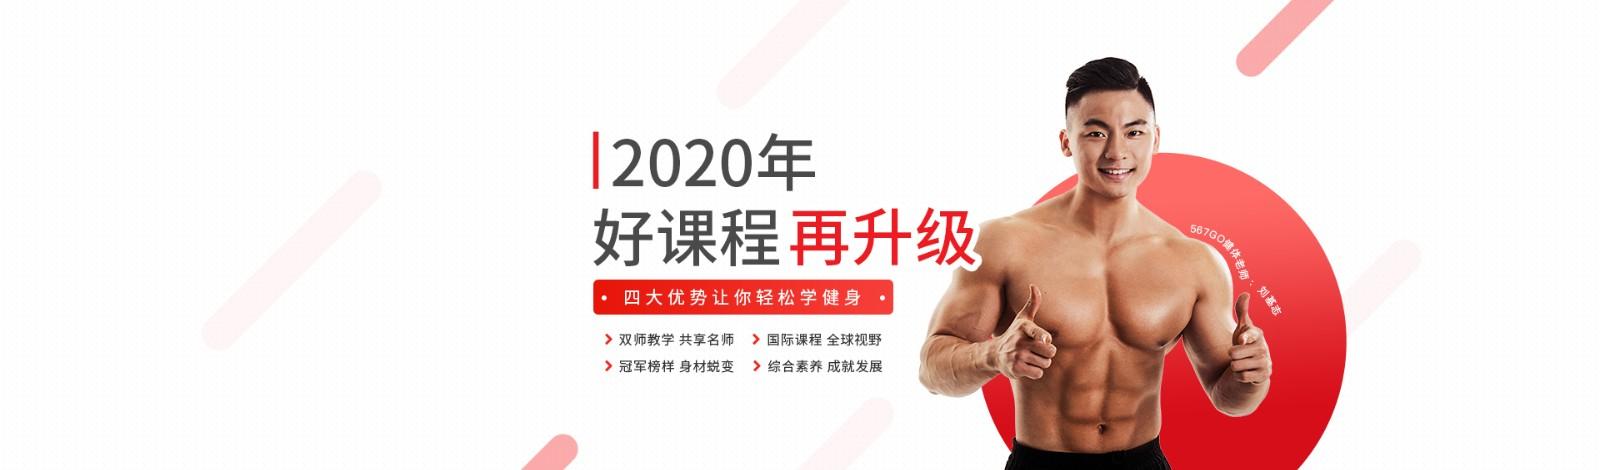 厦门567GO健身学院 横幅广告